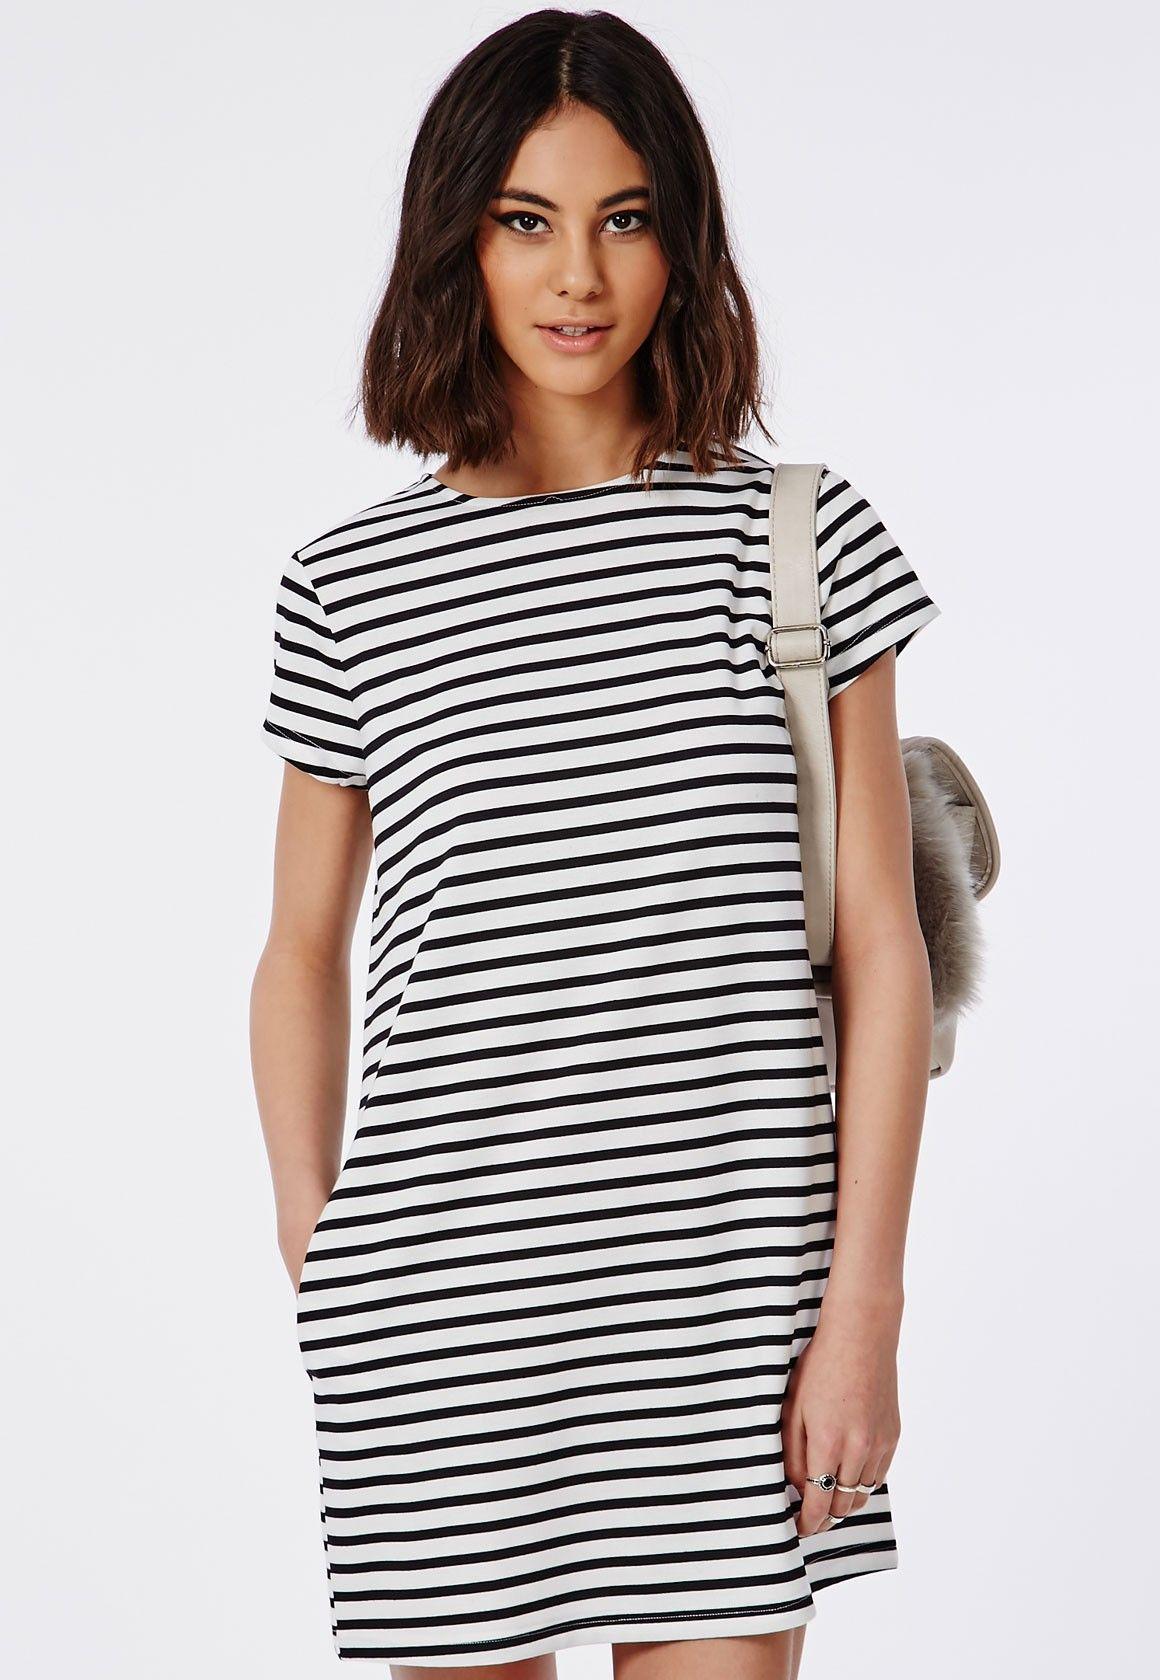 4f91dab2cbfd Missguided - Striped T-Shirt Dress Monochrome   Summer Tops ...